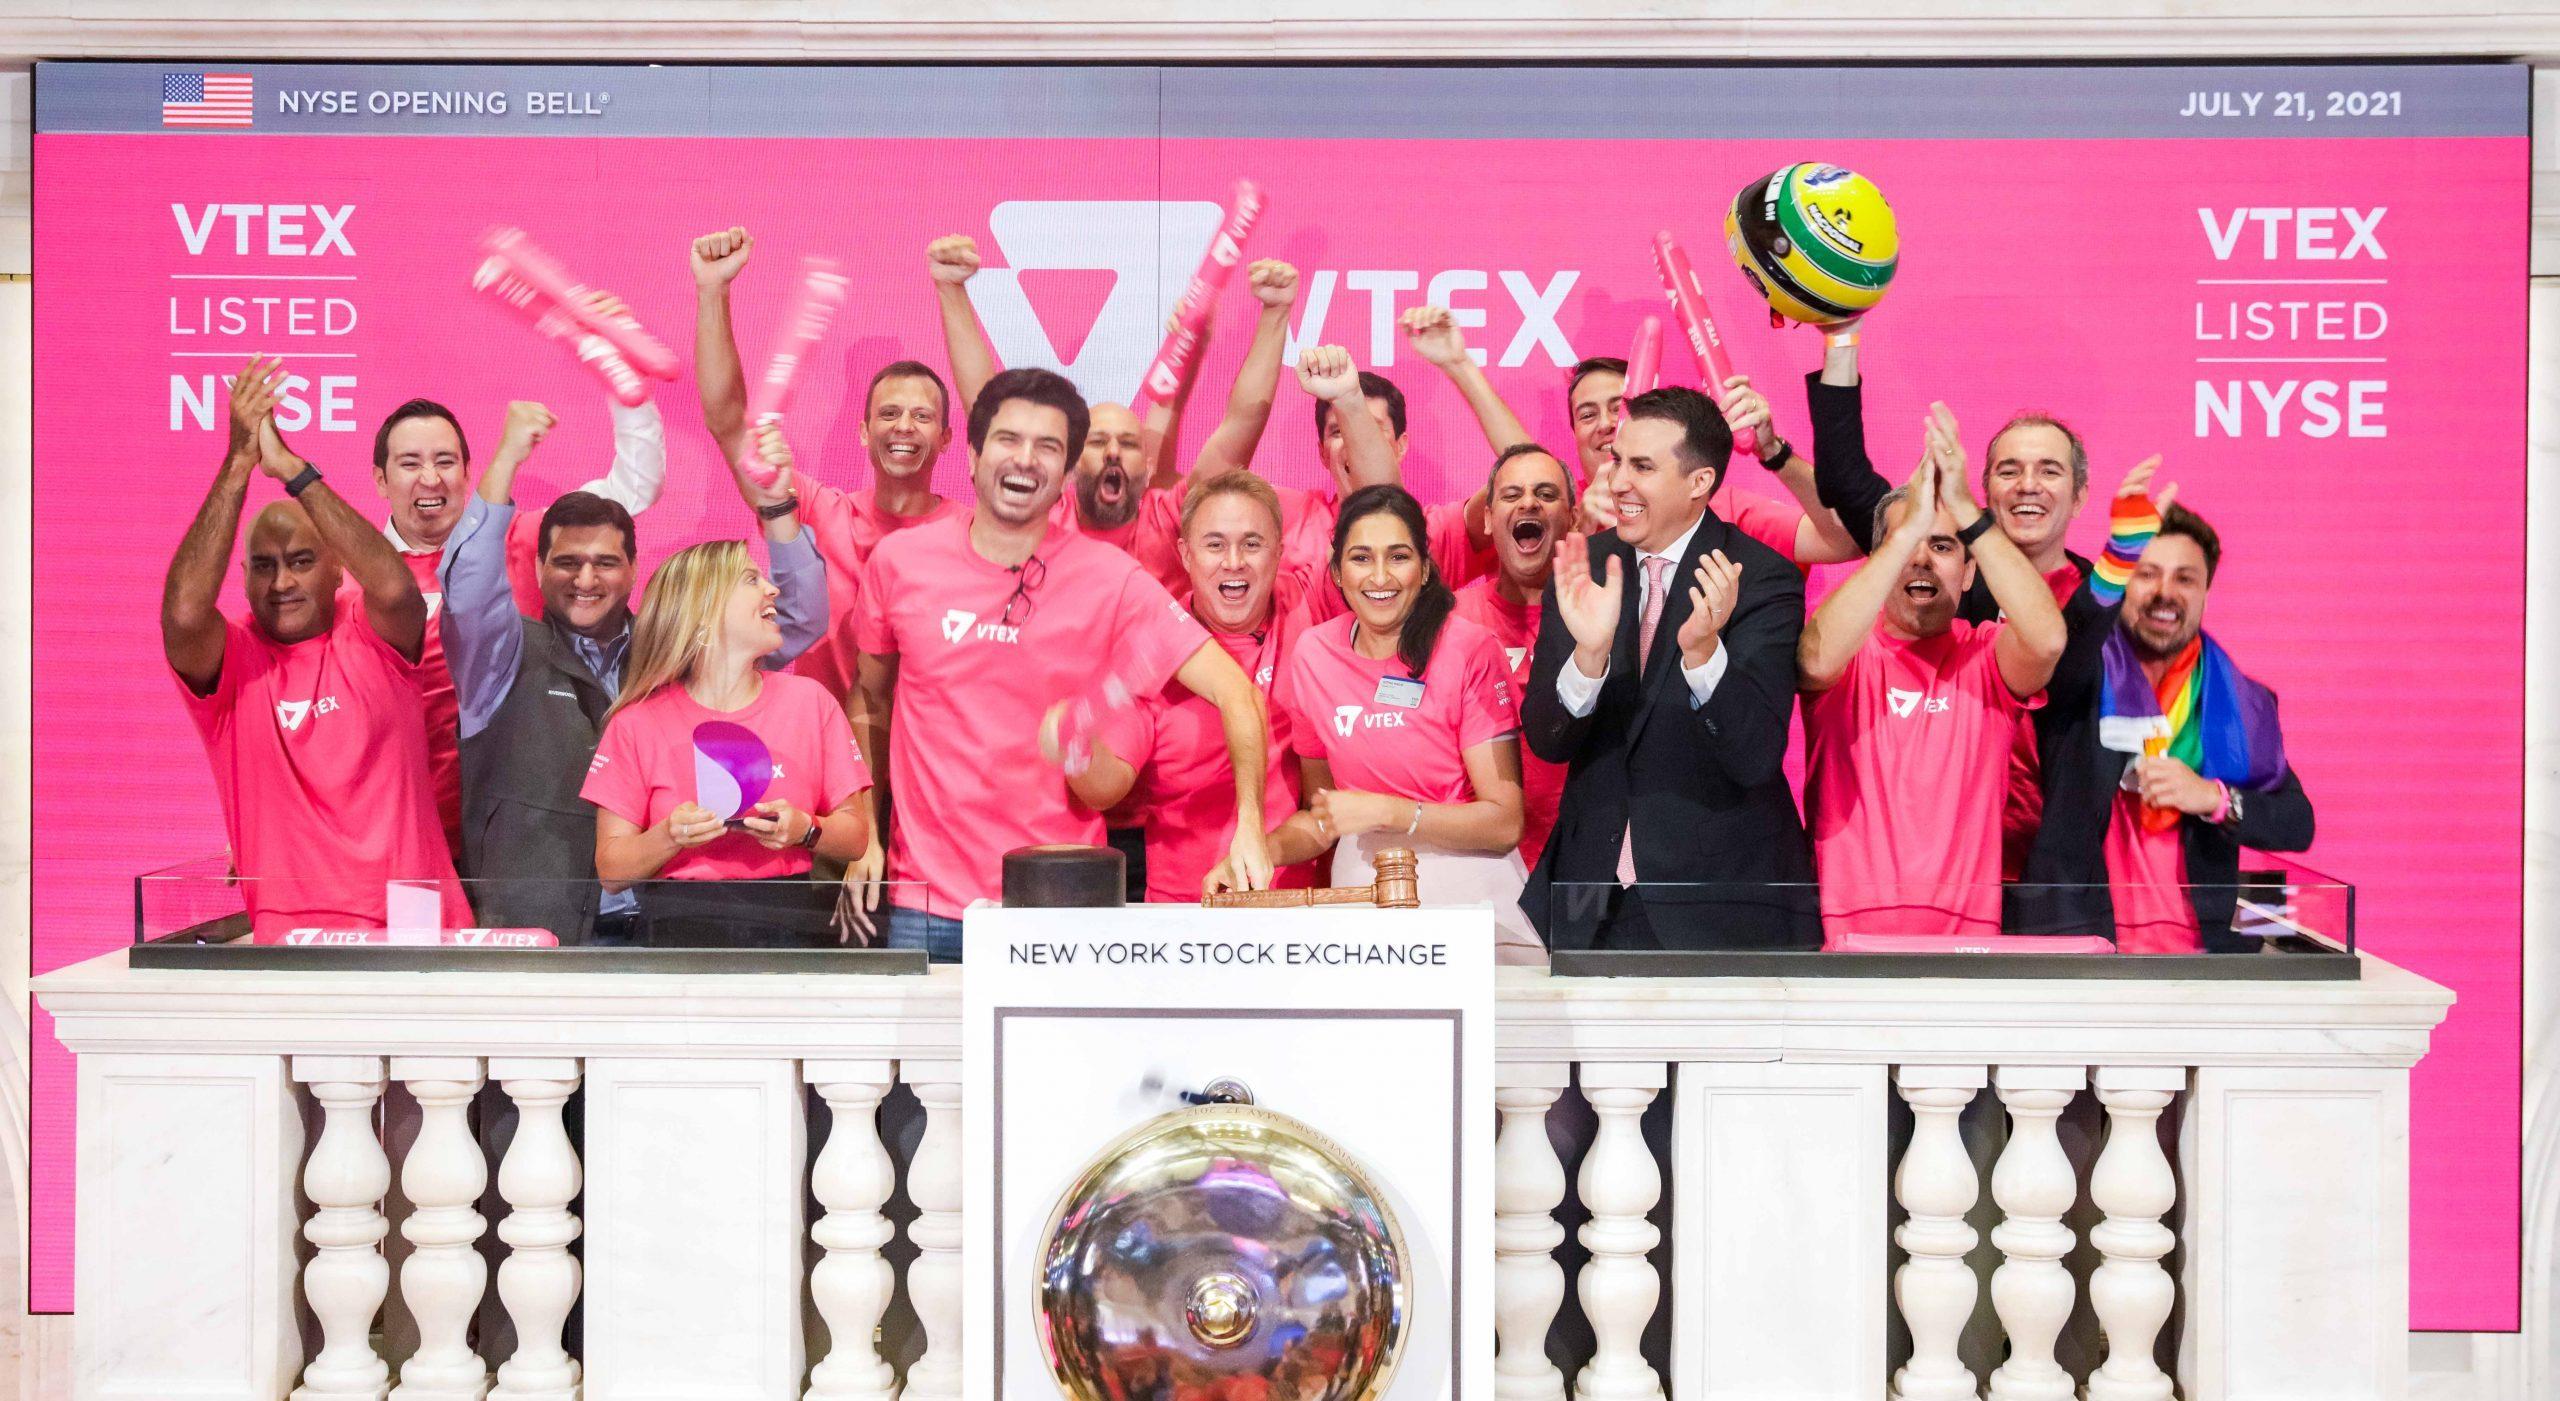 Com IPO bilionário, VTEX quer colocar América Latina na vitrine da economia digital global